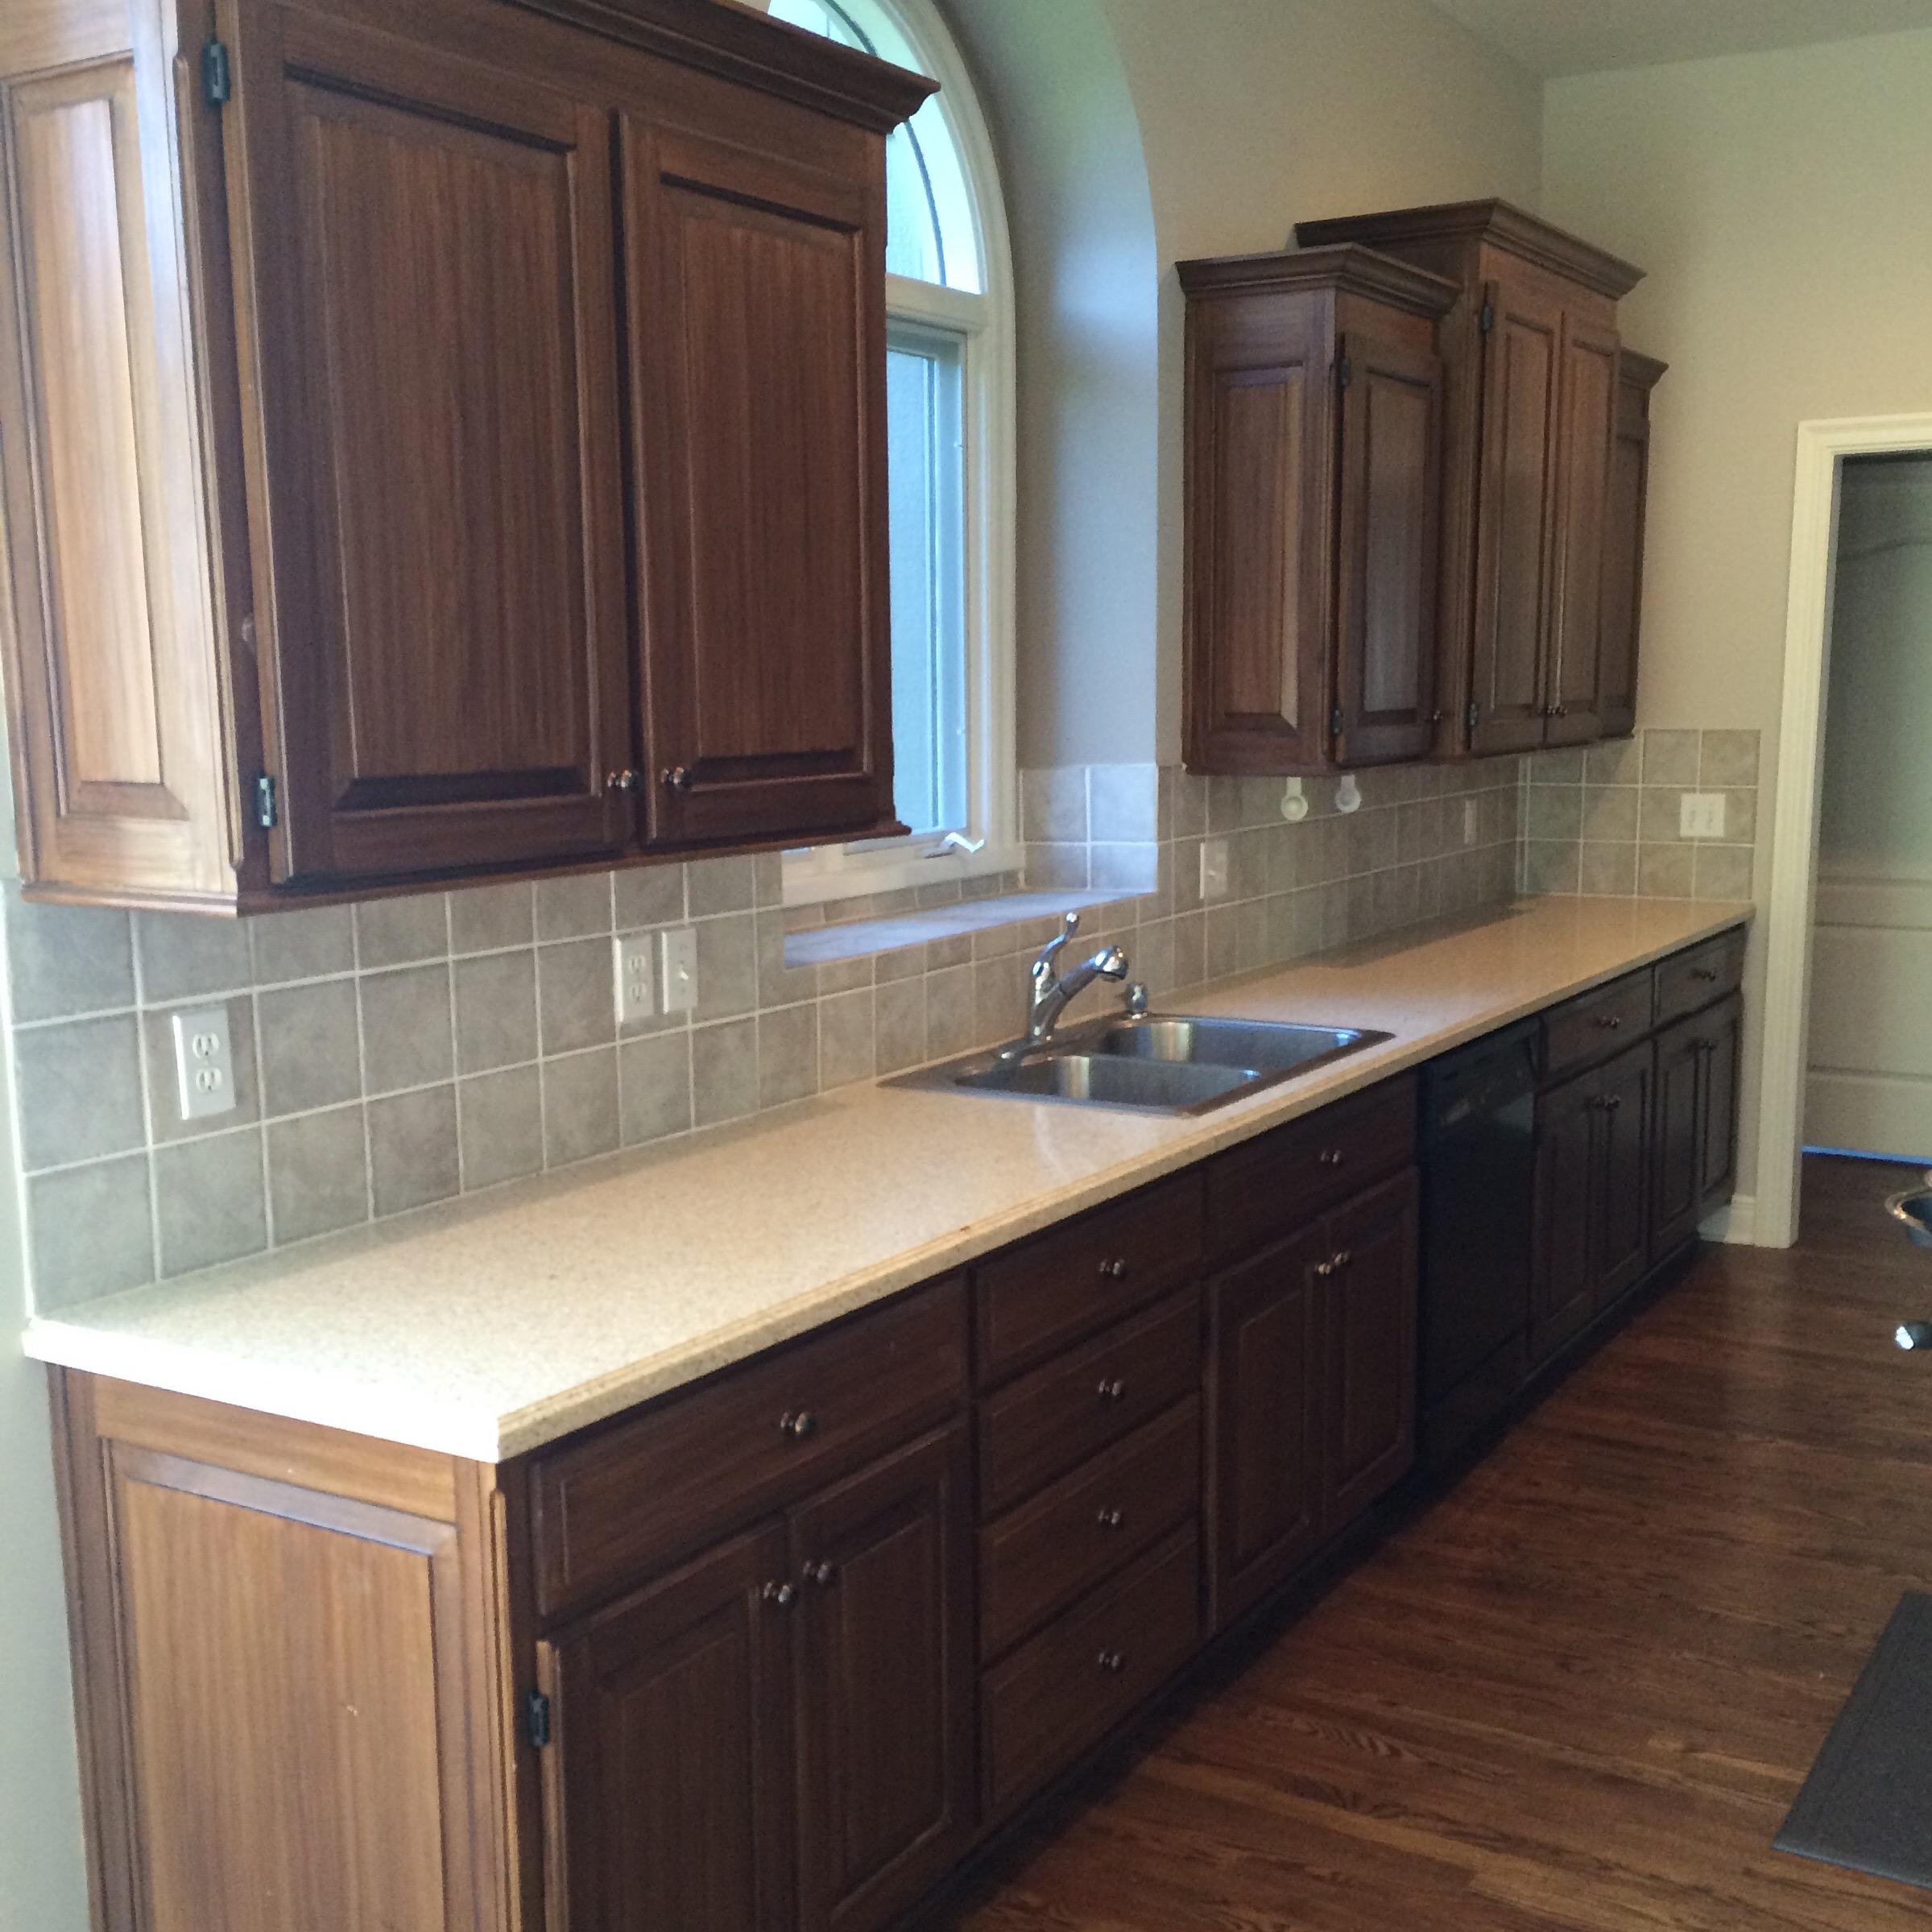 naptime project painting tile backsplash kansas mommy painting kitchen tile backsplash kitchen backsplash